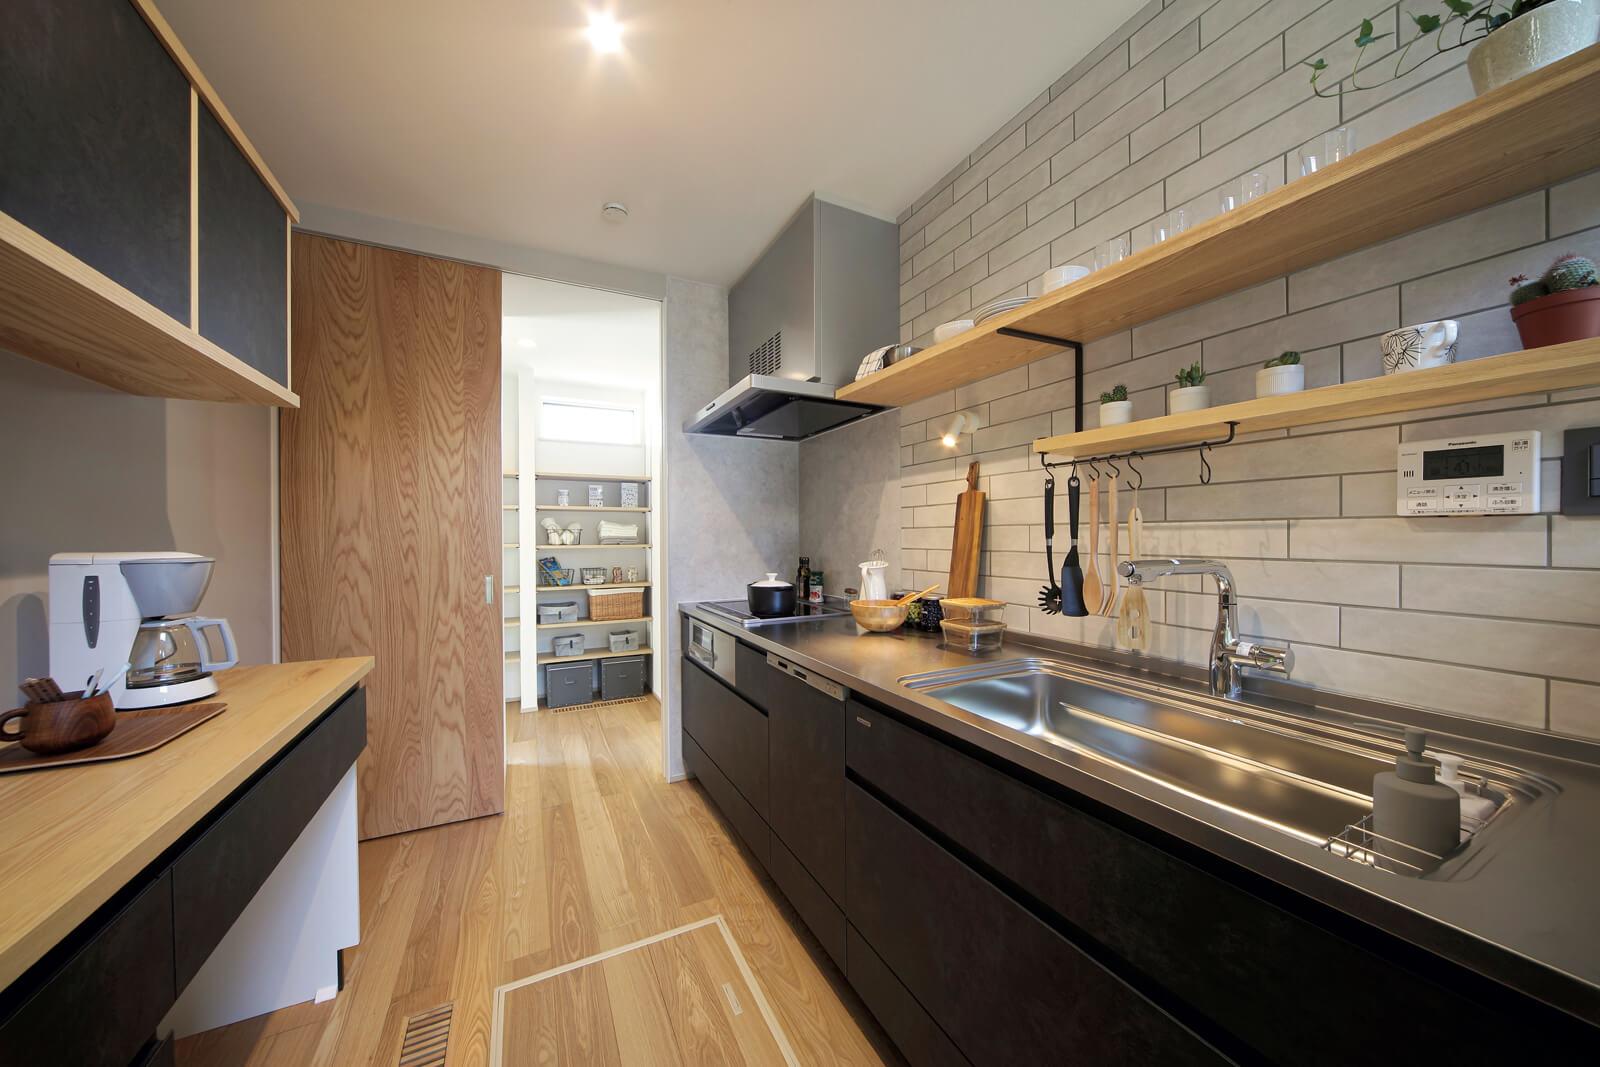 使いやすさを考えたオリジナルキッチン。造作の壁面収納はインテリアを飾る棚や生活用品の収納として活用できる